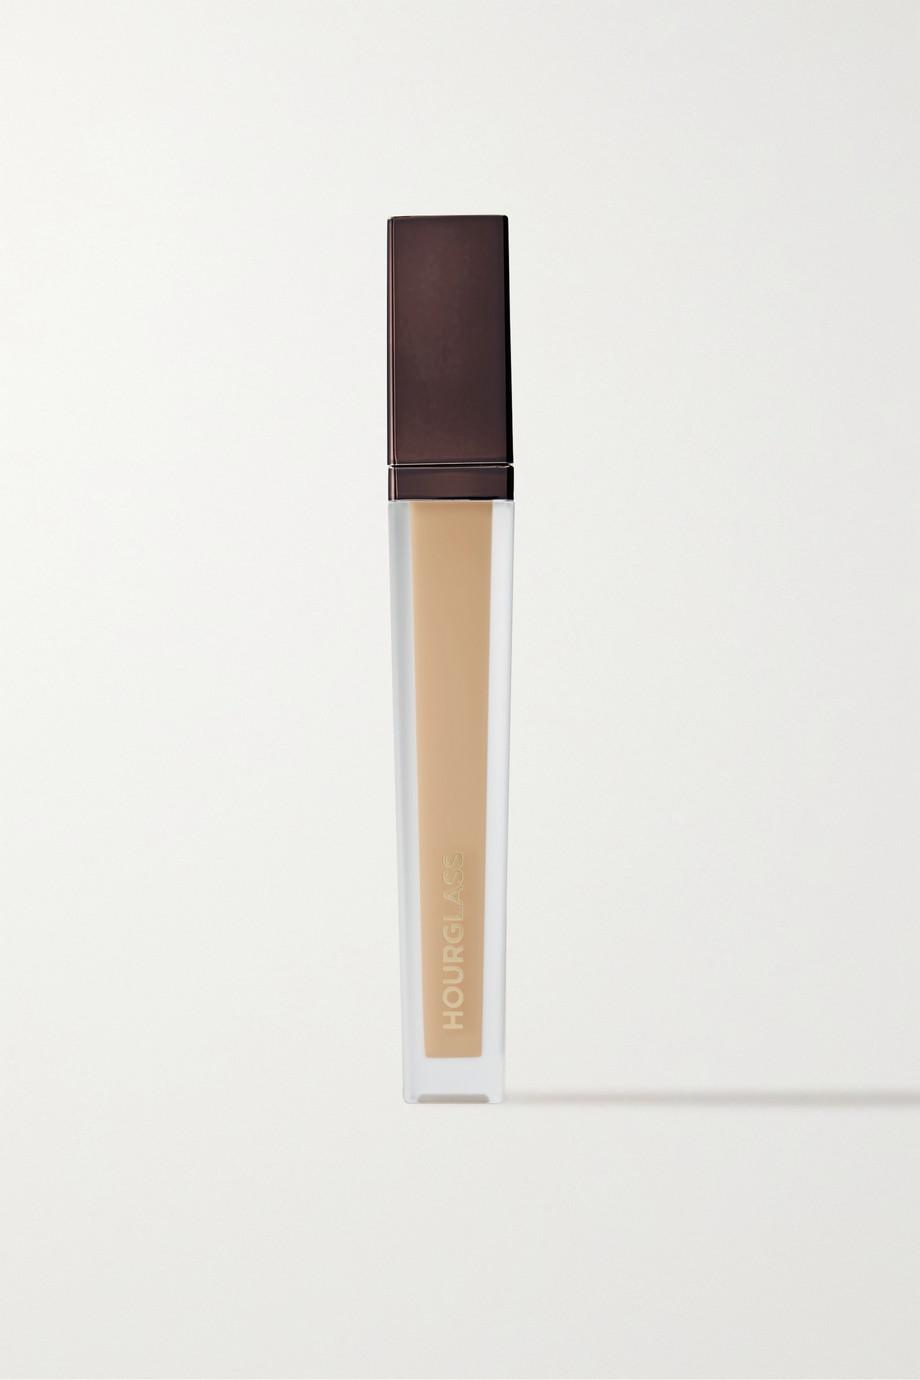 Hourglass Vanish Airbrush Concealer - Sepia, 6ml